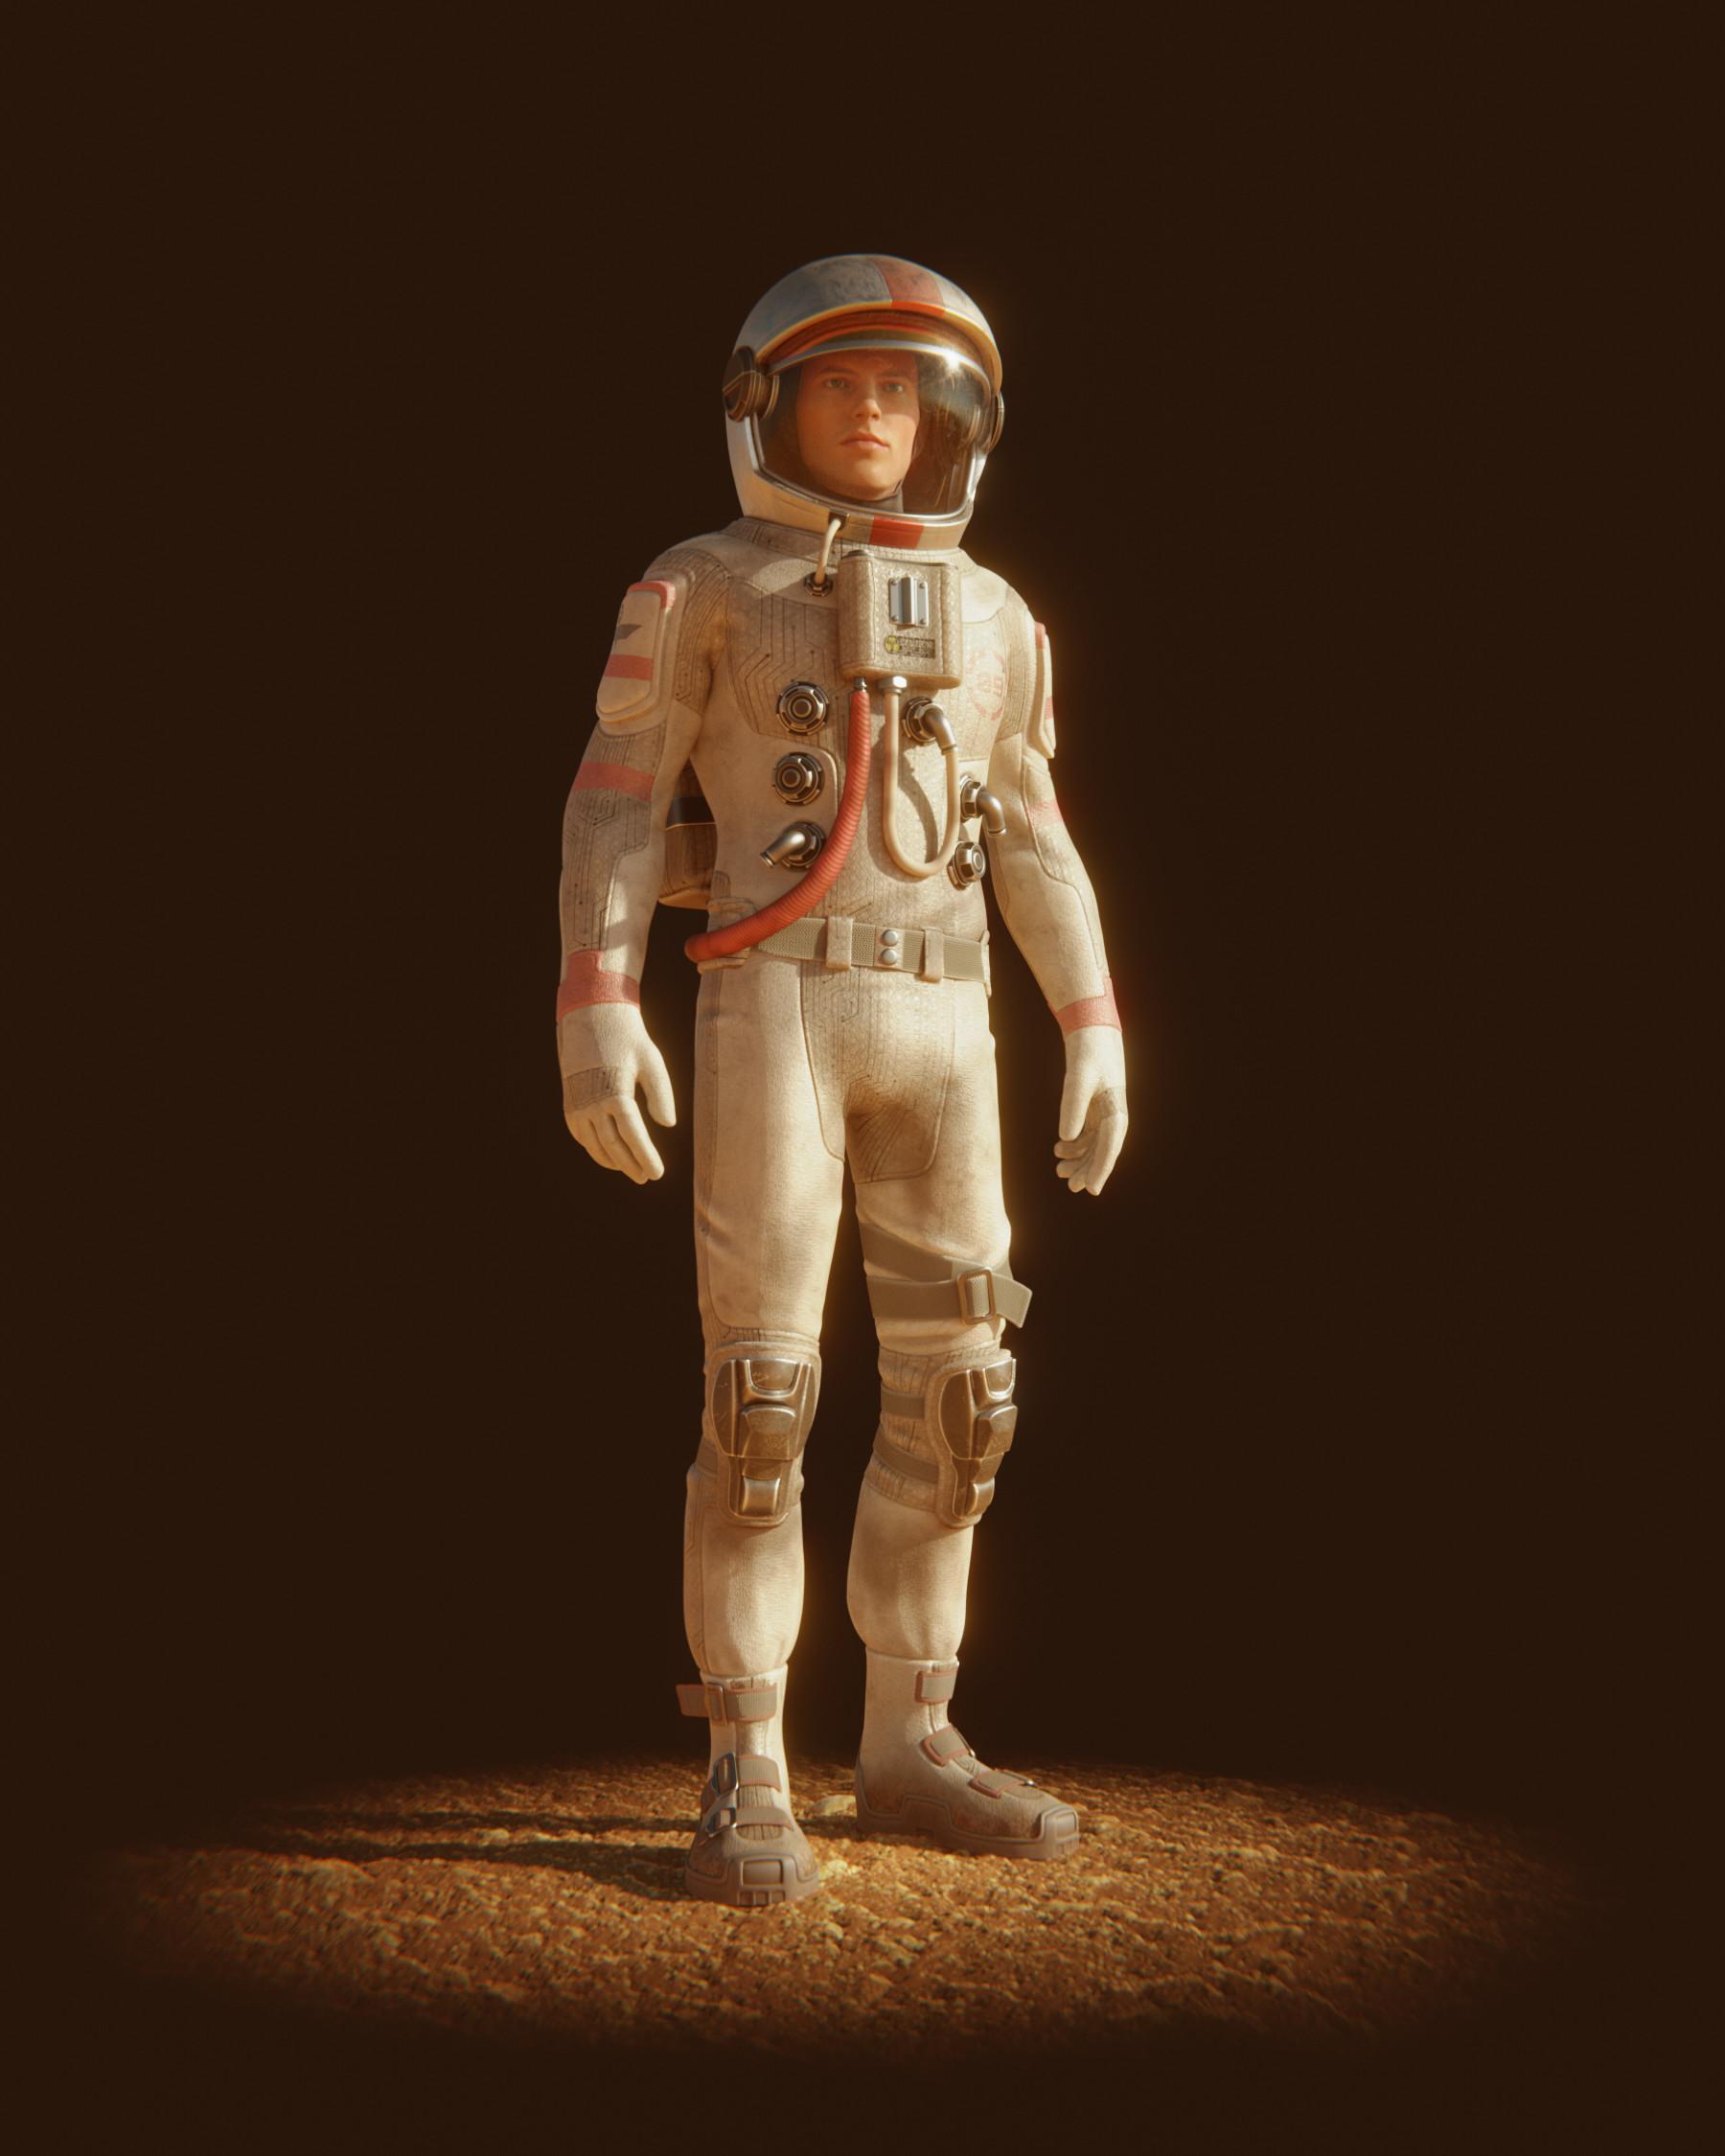 Lucas falcao austronaut suit high